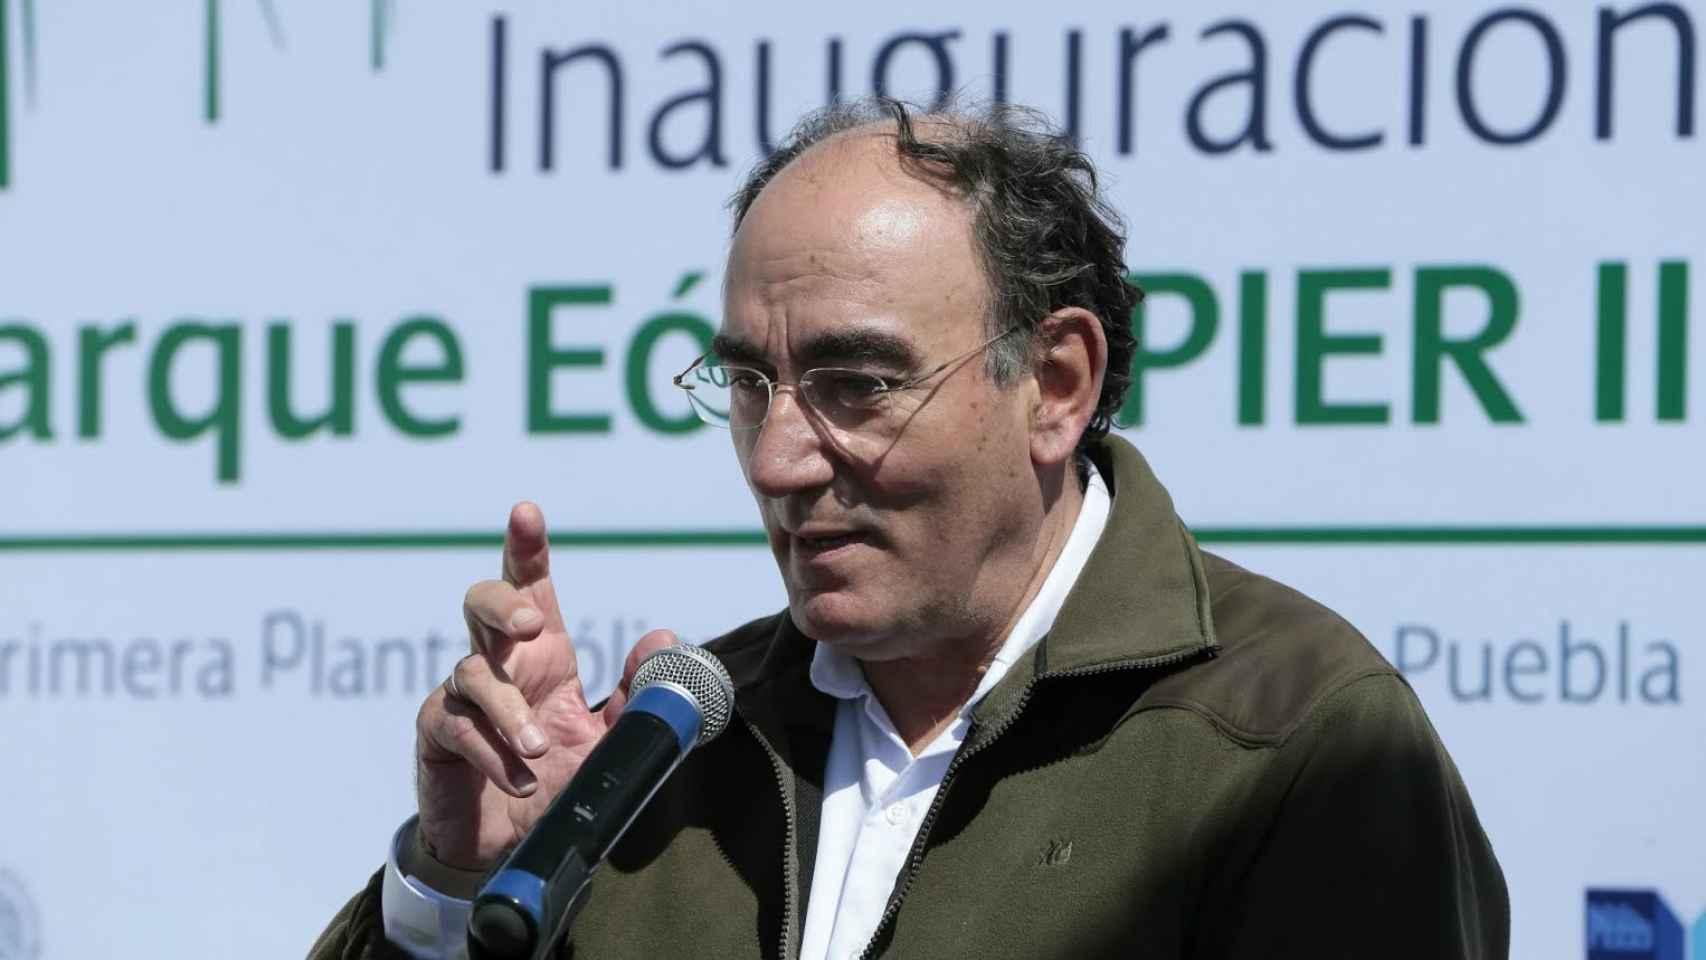 El presidente de Iberdrola, Ignacio Sánchez Galán, en un parque eólico mexicano.